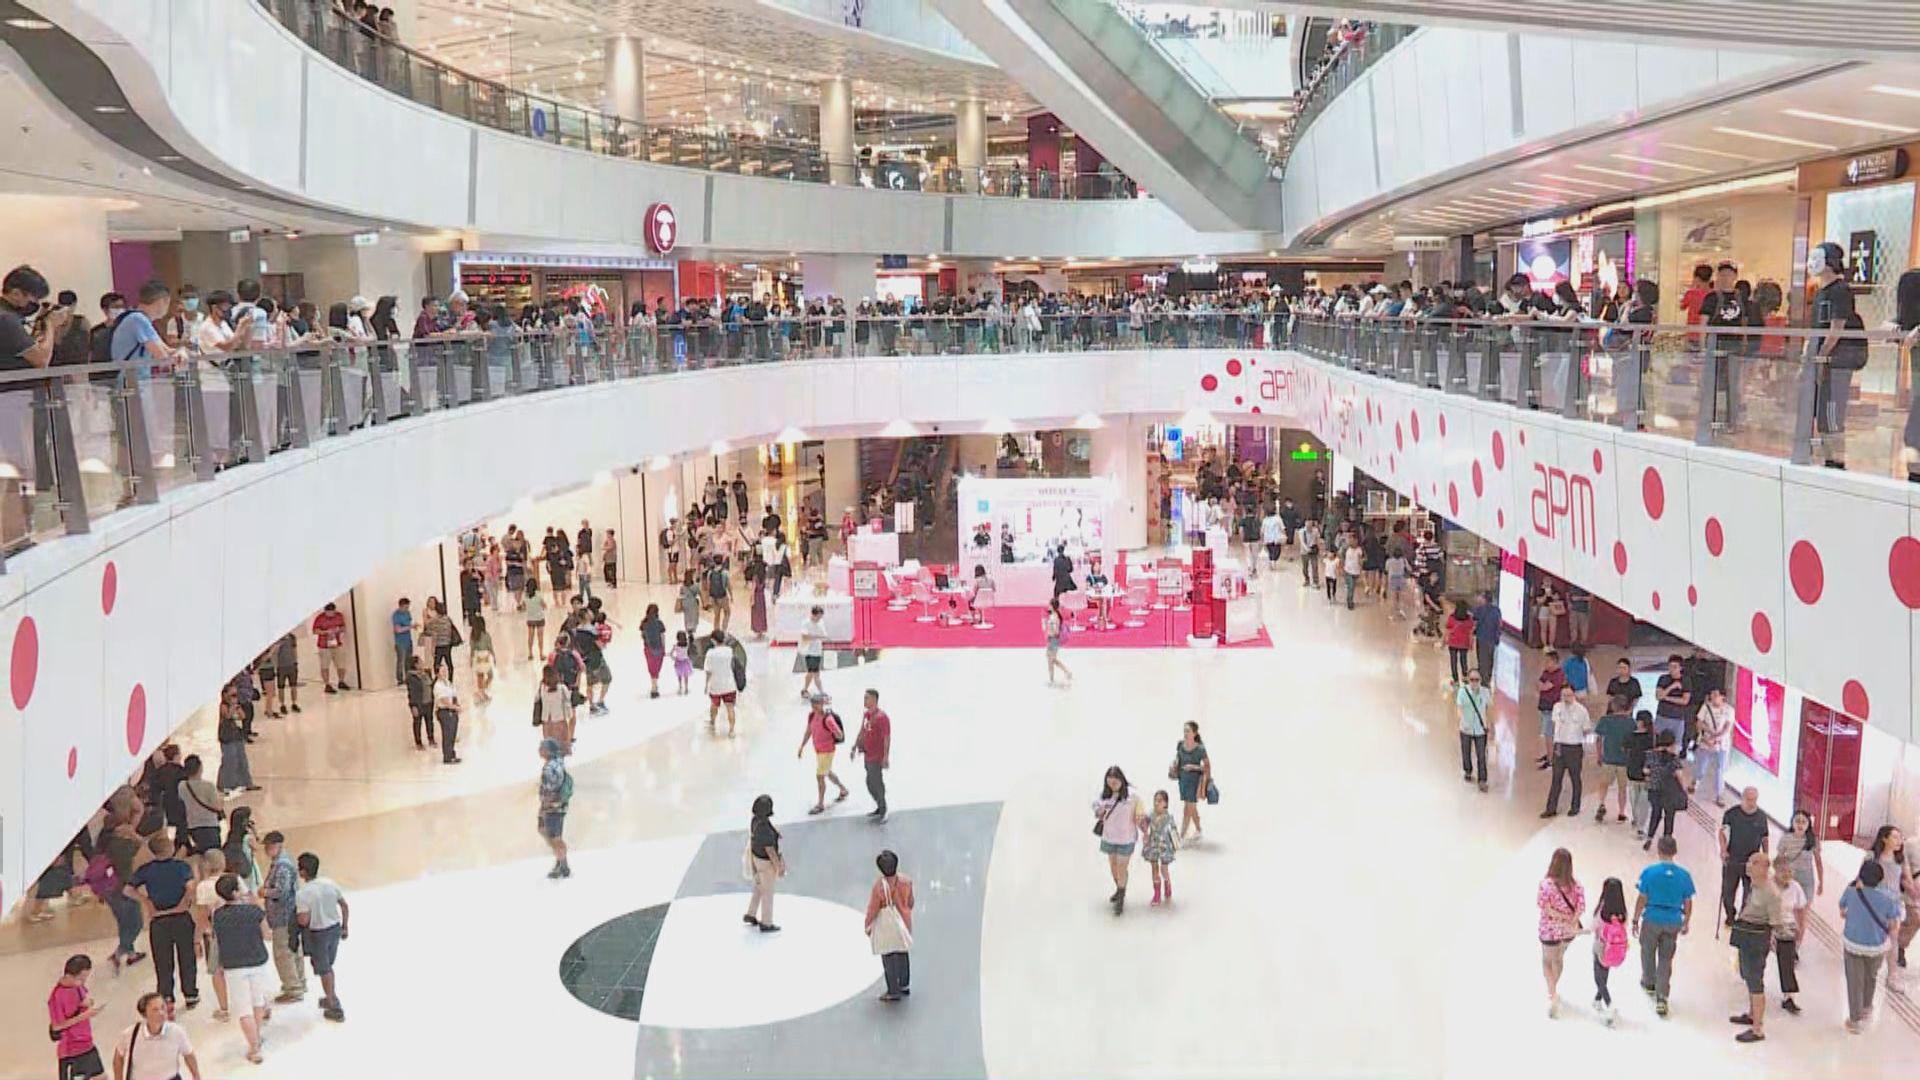 【社會風波】新地寬減商場商戶於暫停營業當日租金